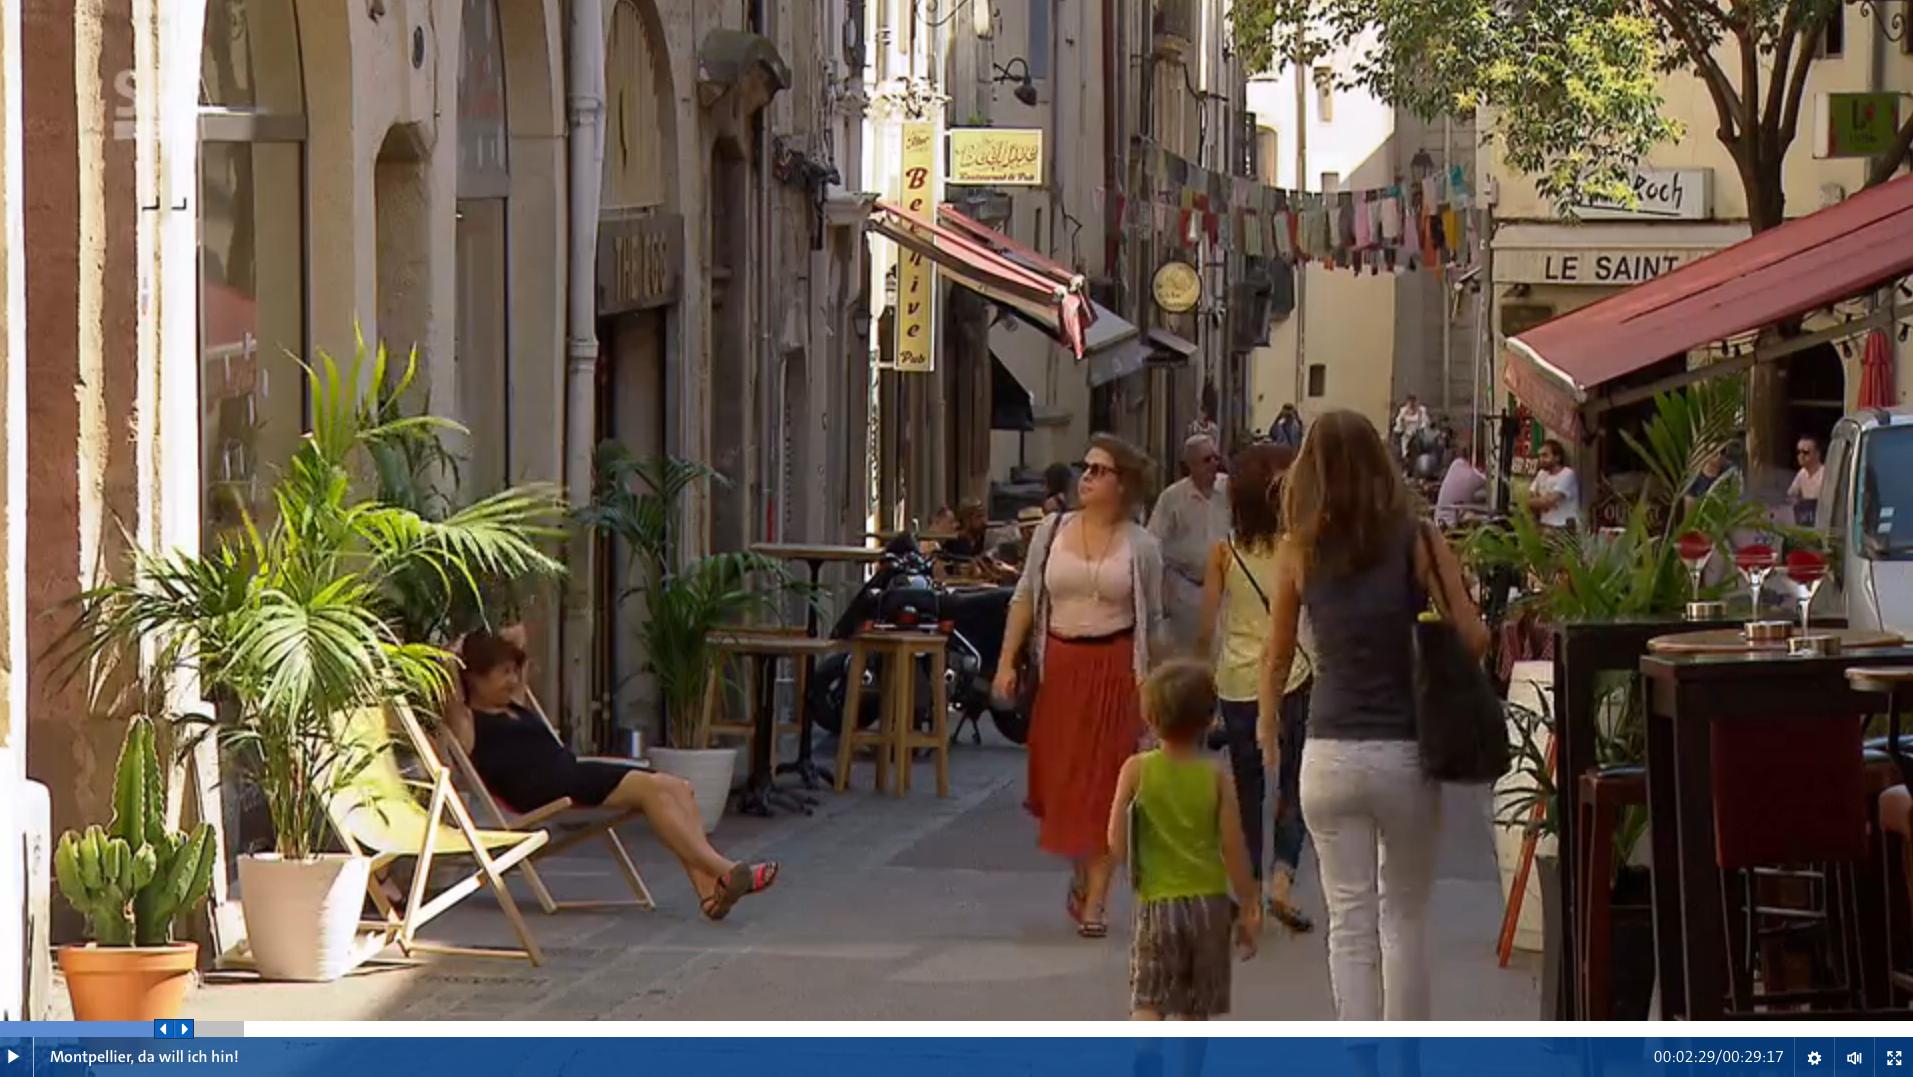 «Montpellier, da will ich hin !»